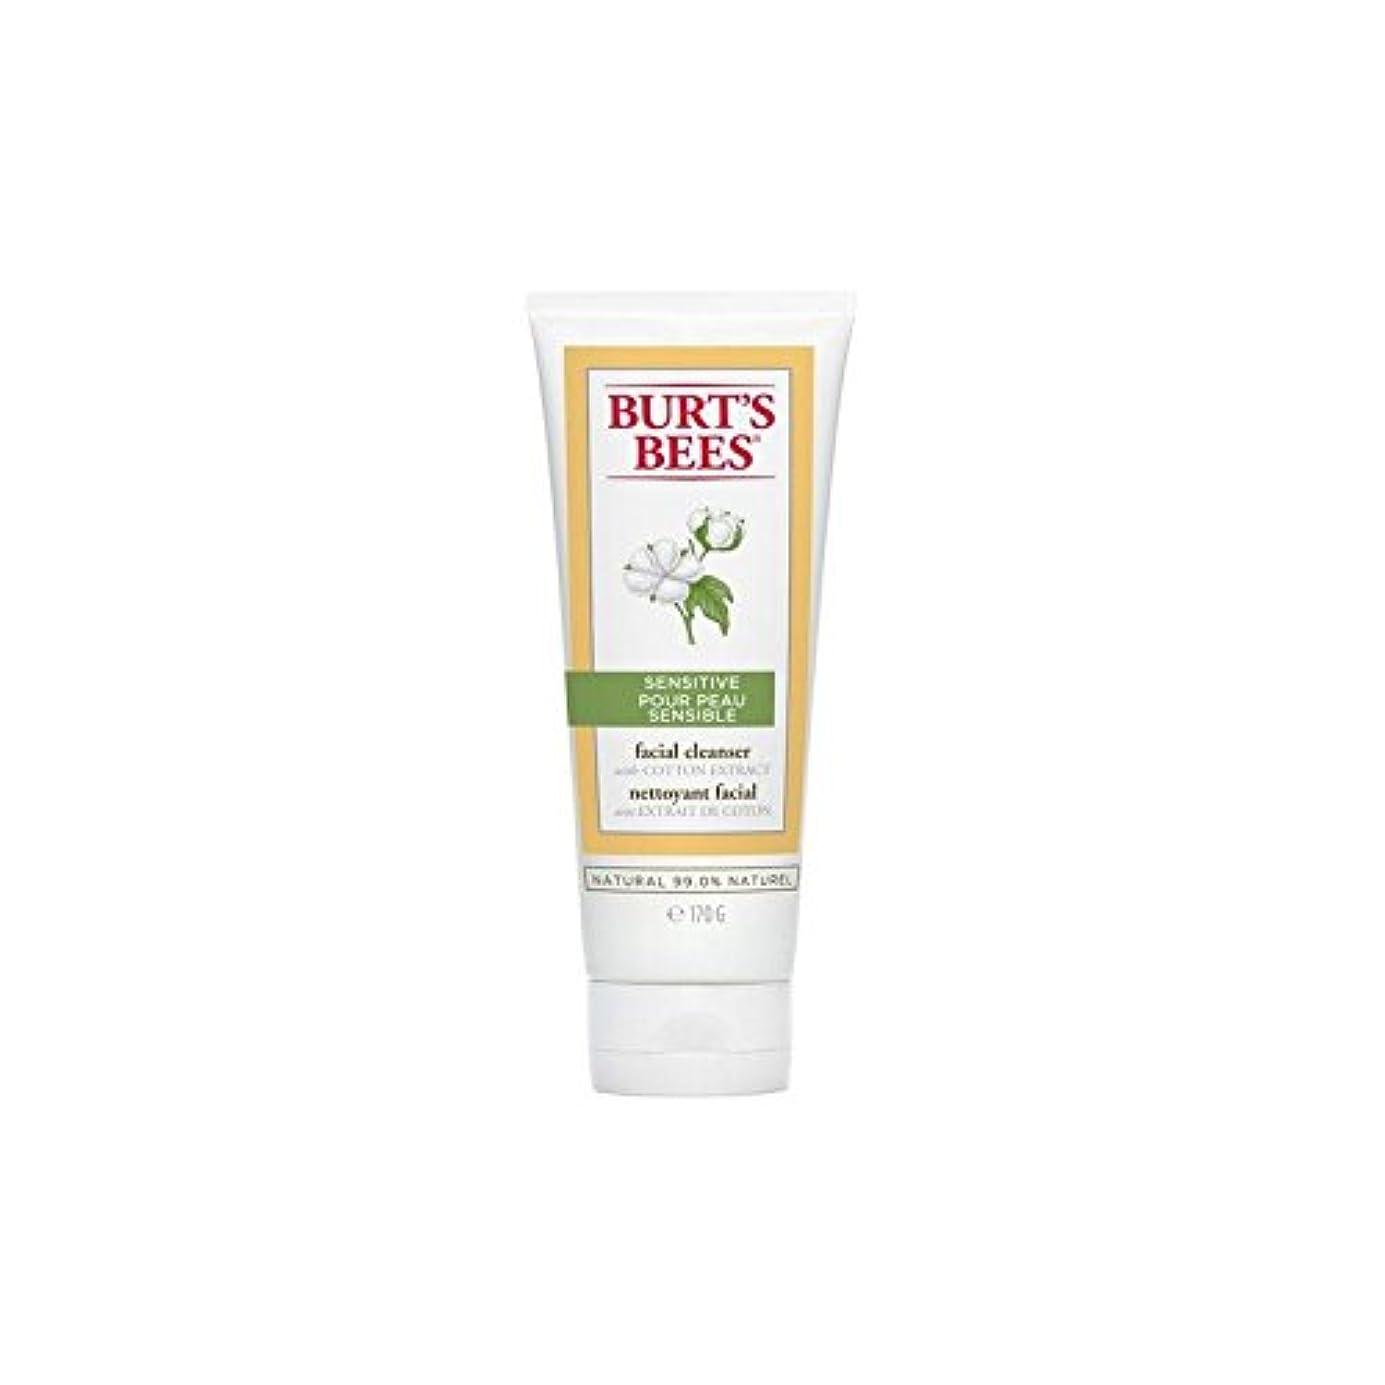 購入一掃するきれいにBurt's Bees Sensitive Facial Cleanser 170G (Pack of 6) - バーツビー敏感な洗顔料の170グラム x6 [並行輸入品]